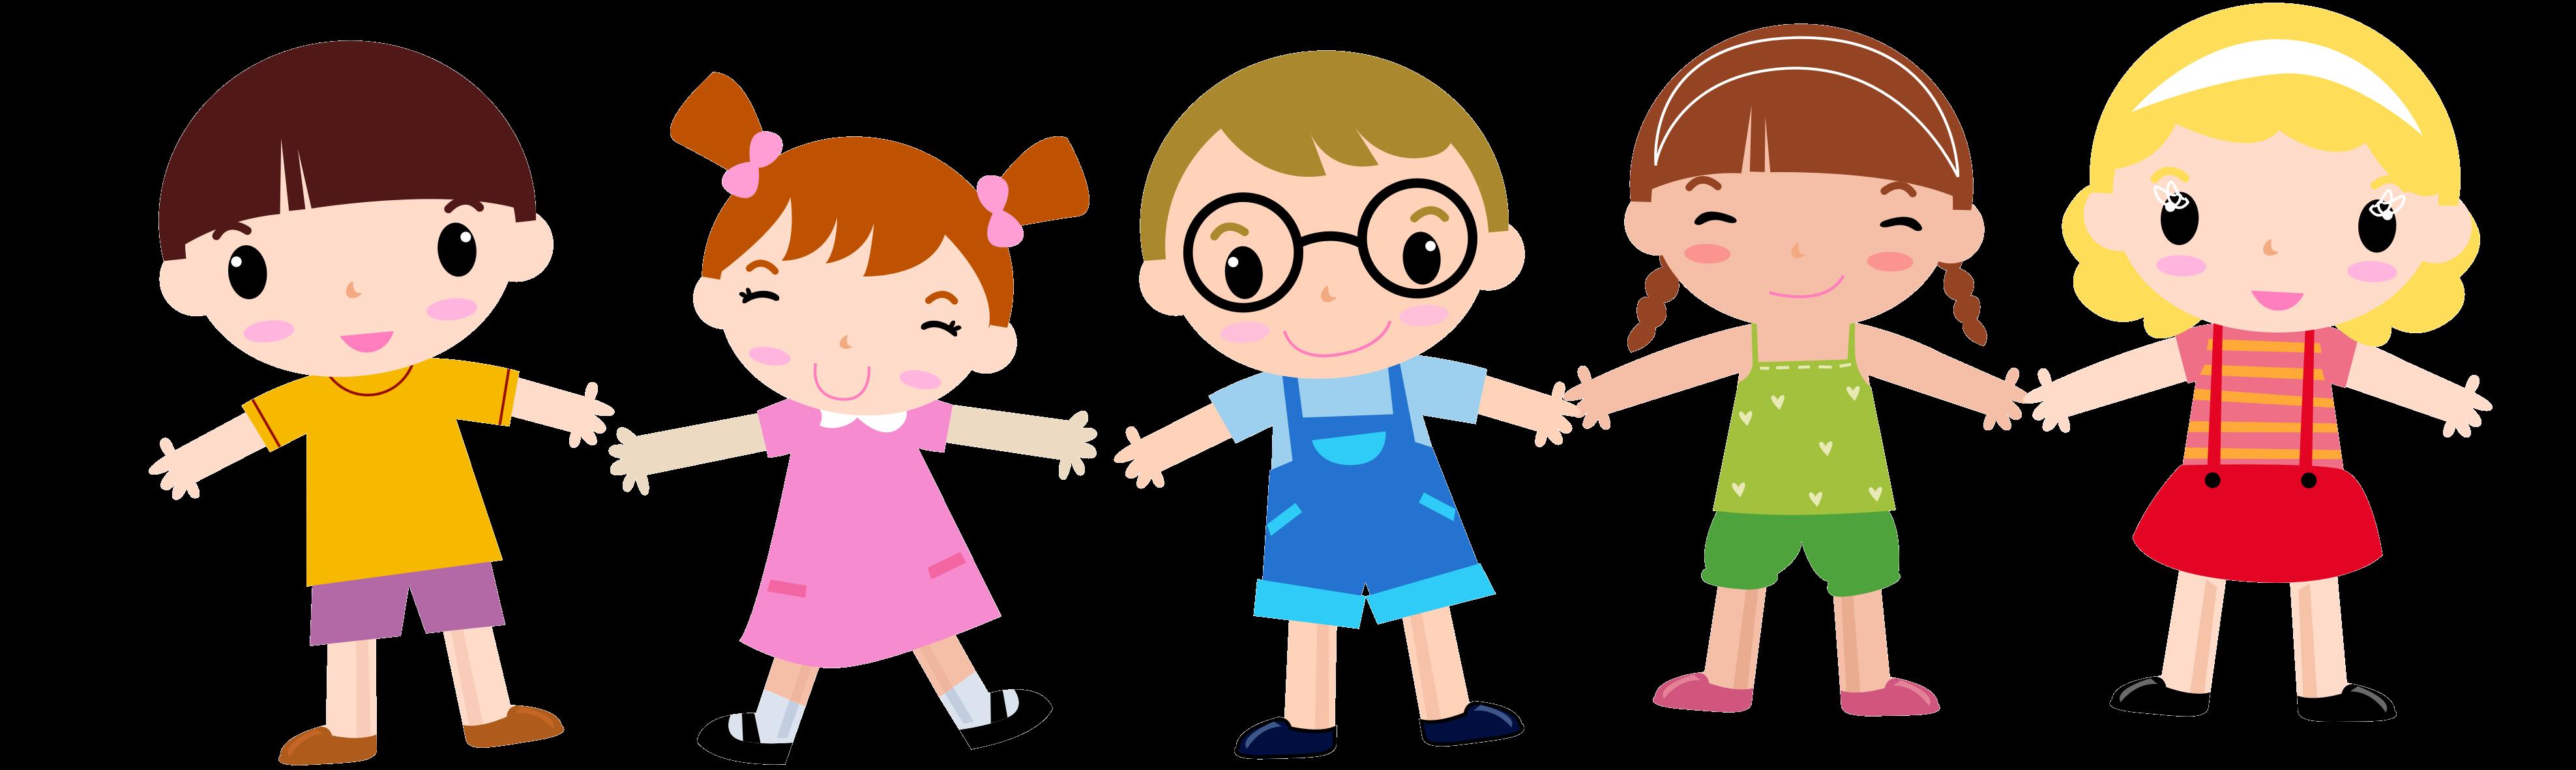 Картинки по запросу зарядка рисунки для детей